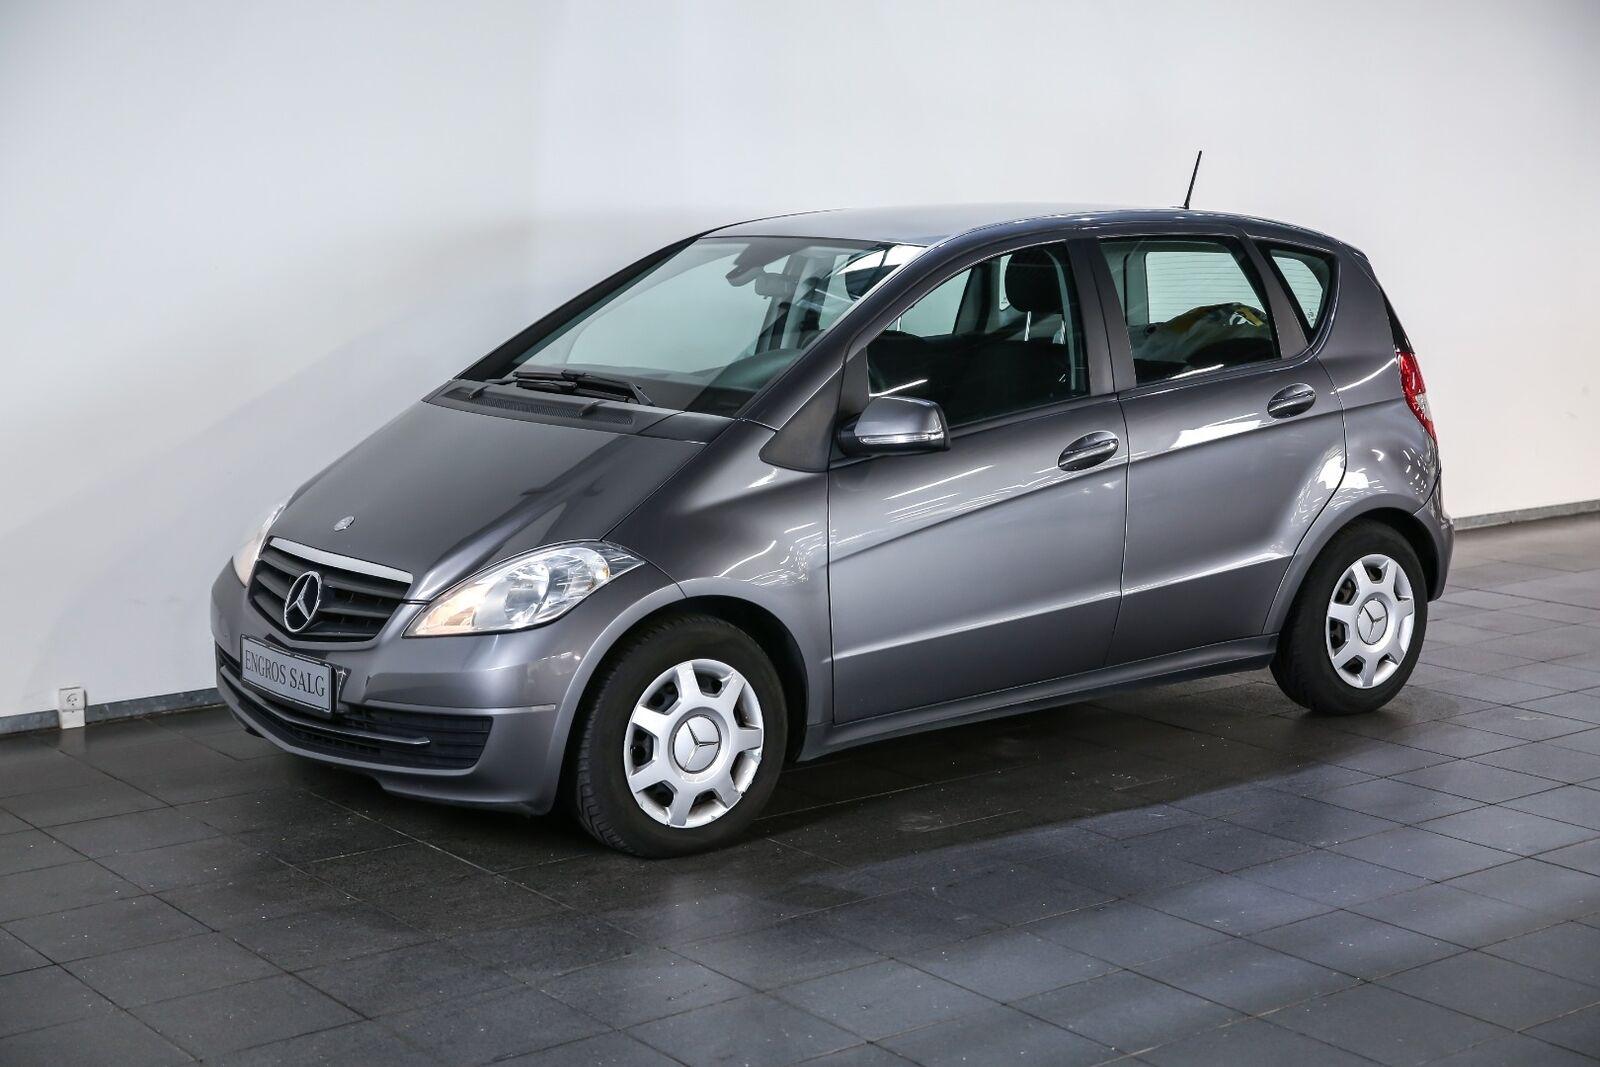 Mercedes-Benz A180 2,0 CDi